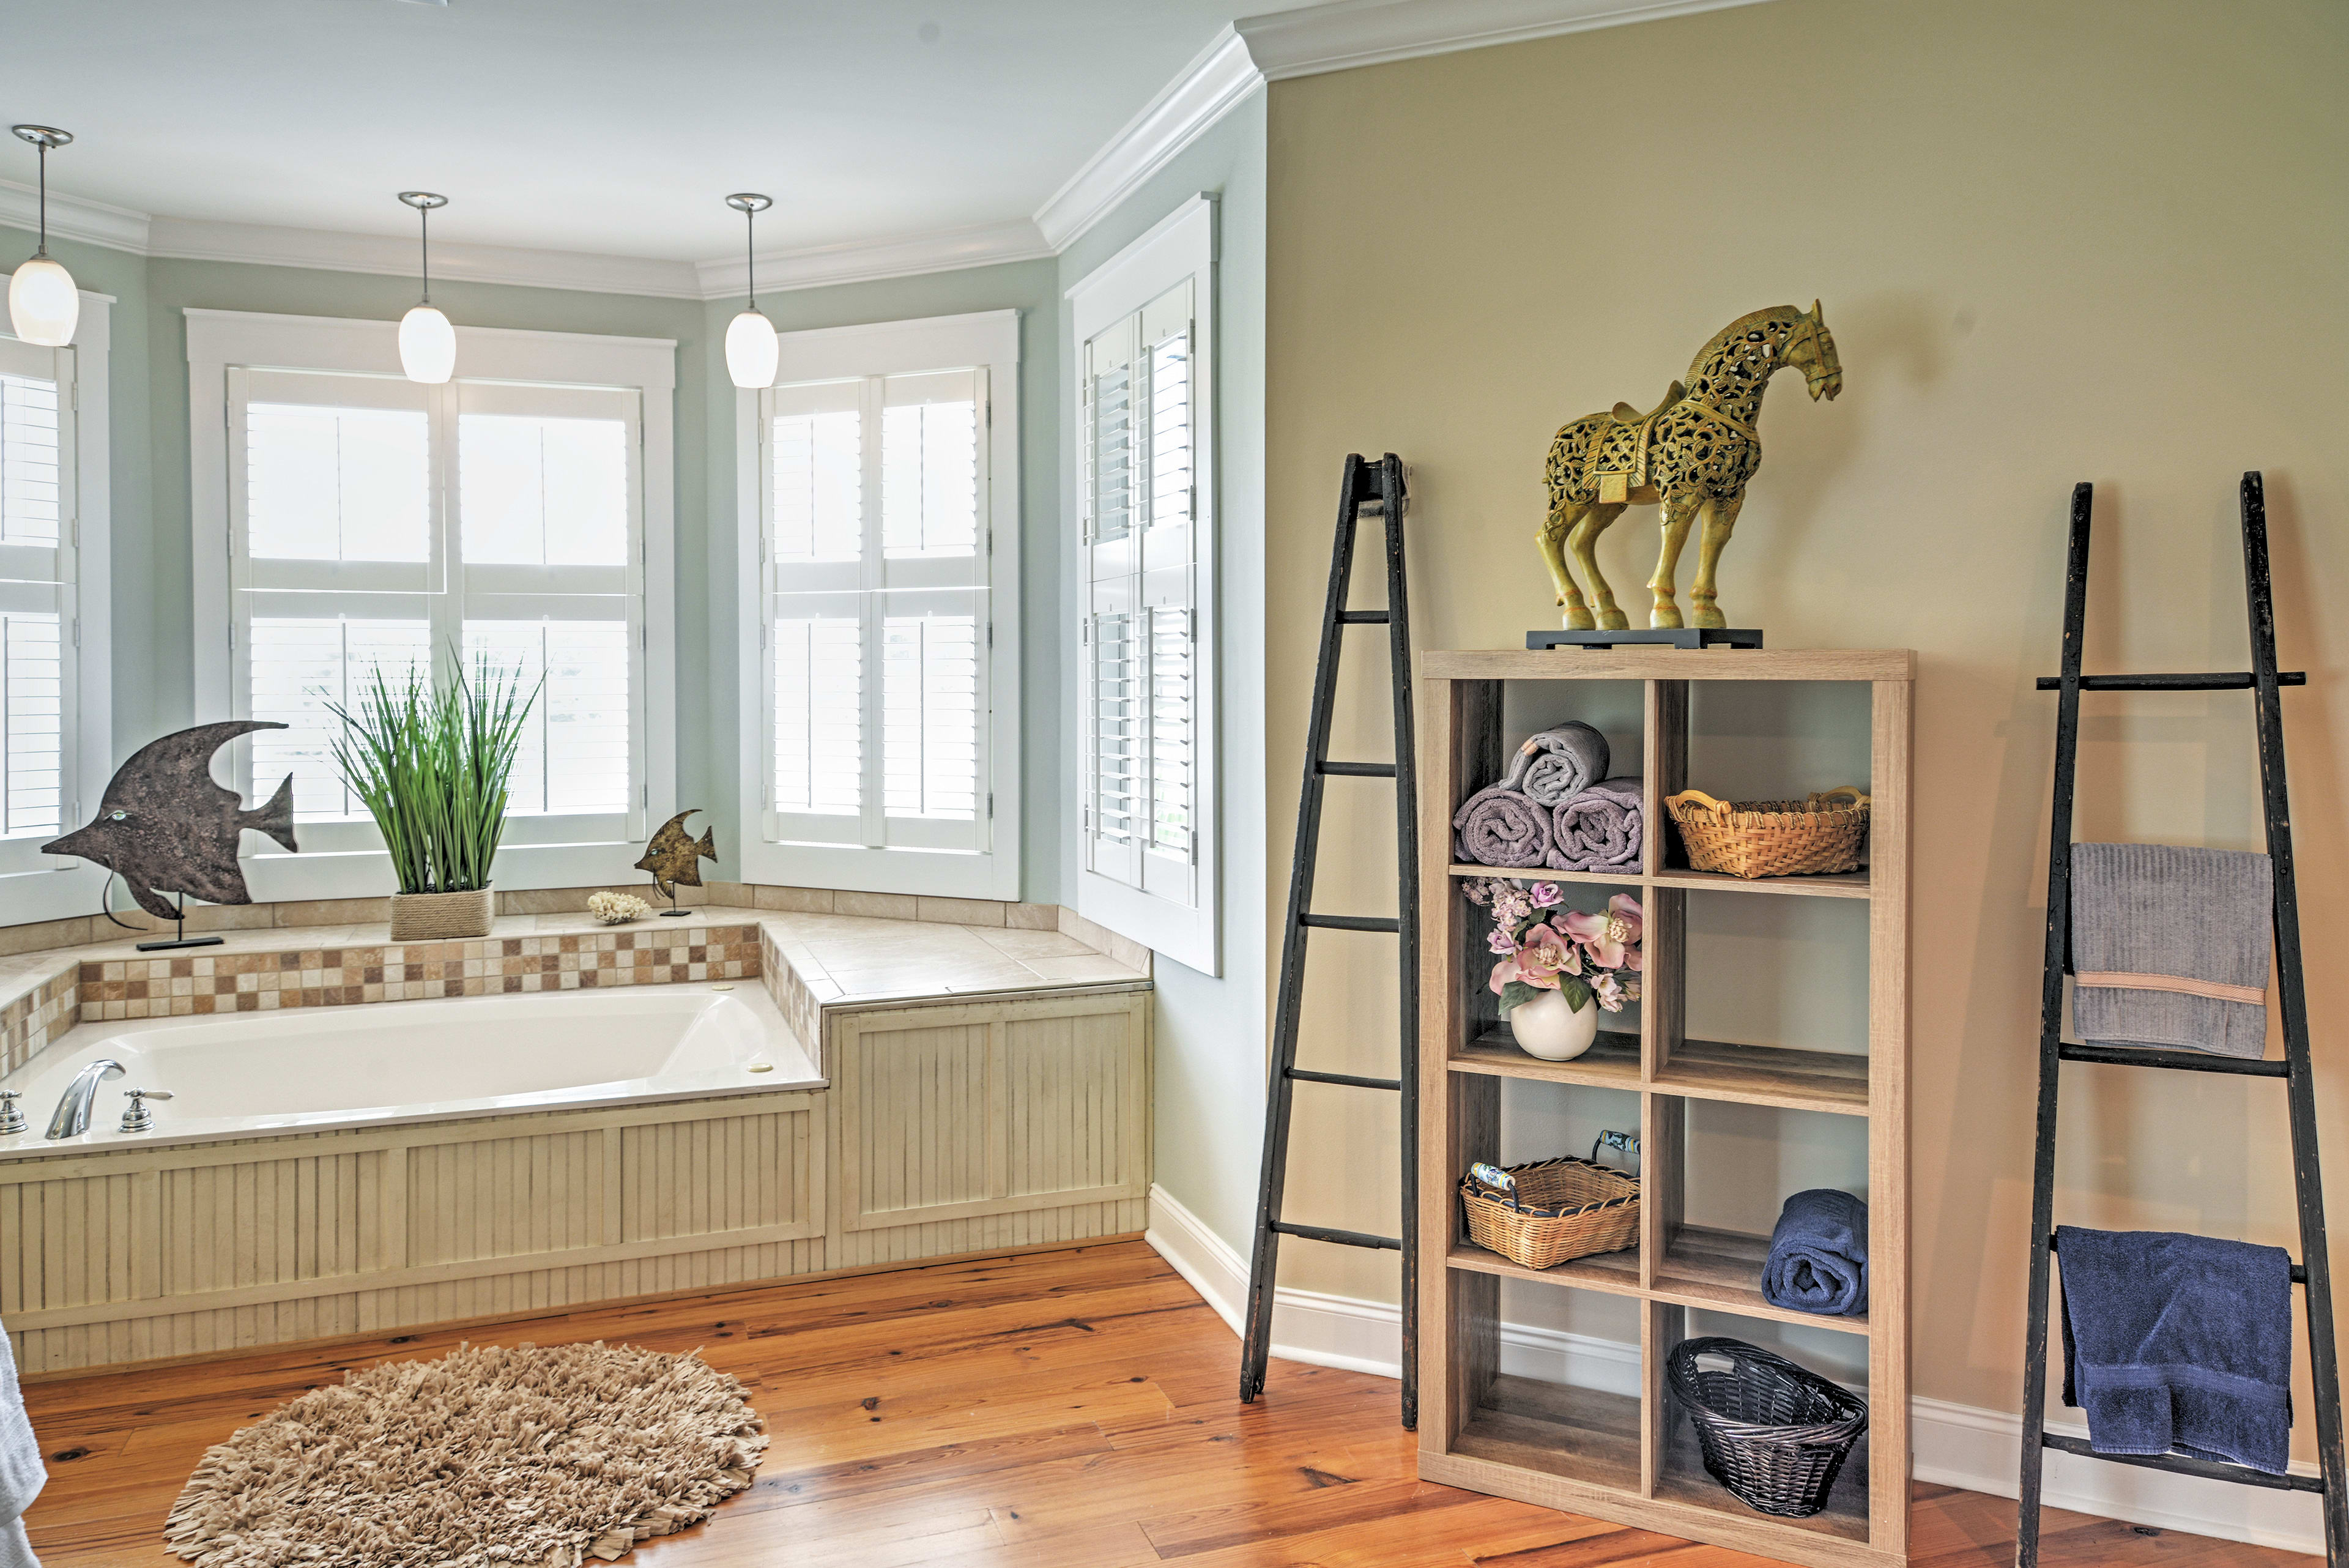 The Master Bedroom's bathroom is outstanding!